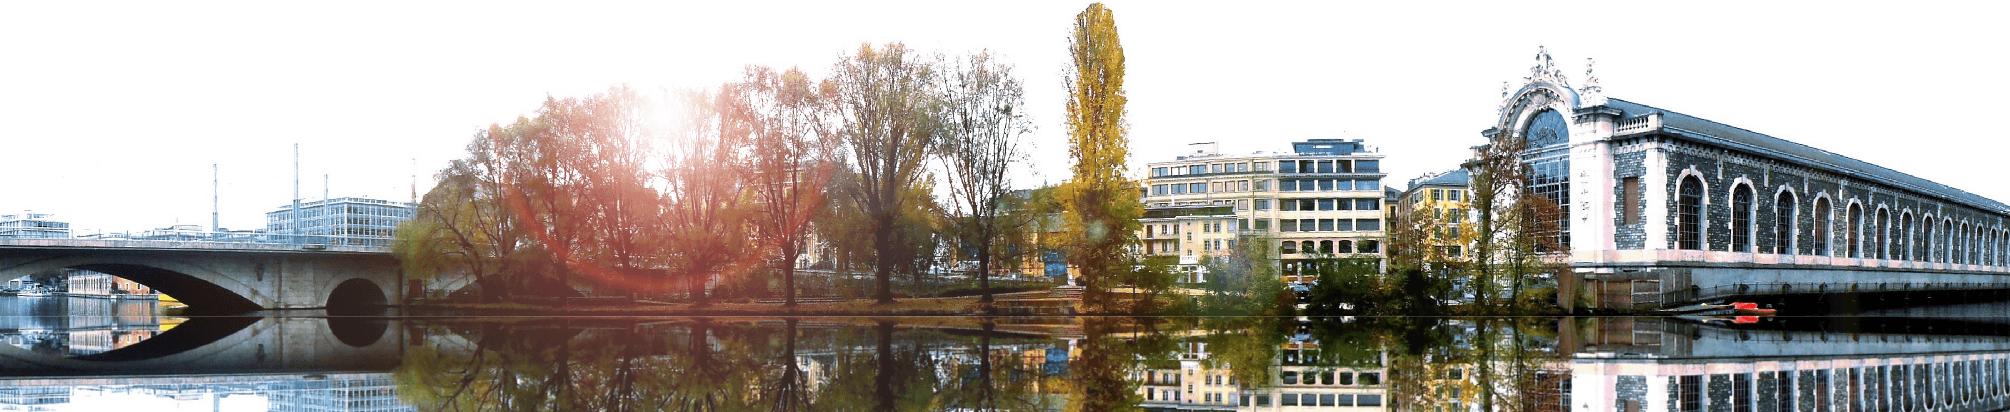 PERRÉARD DE BOCCARD - Étude d'Avocats à Genève et Zürich